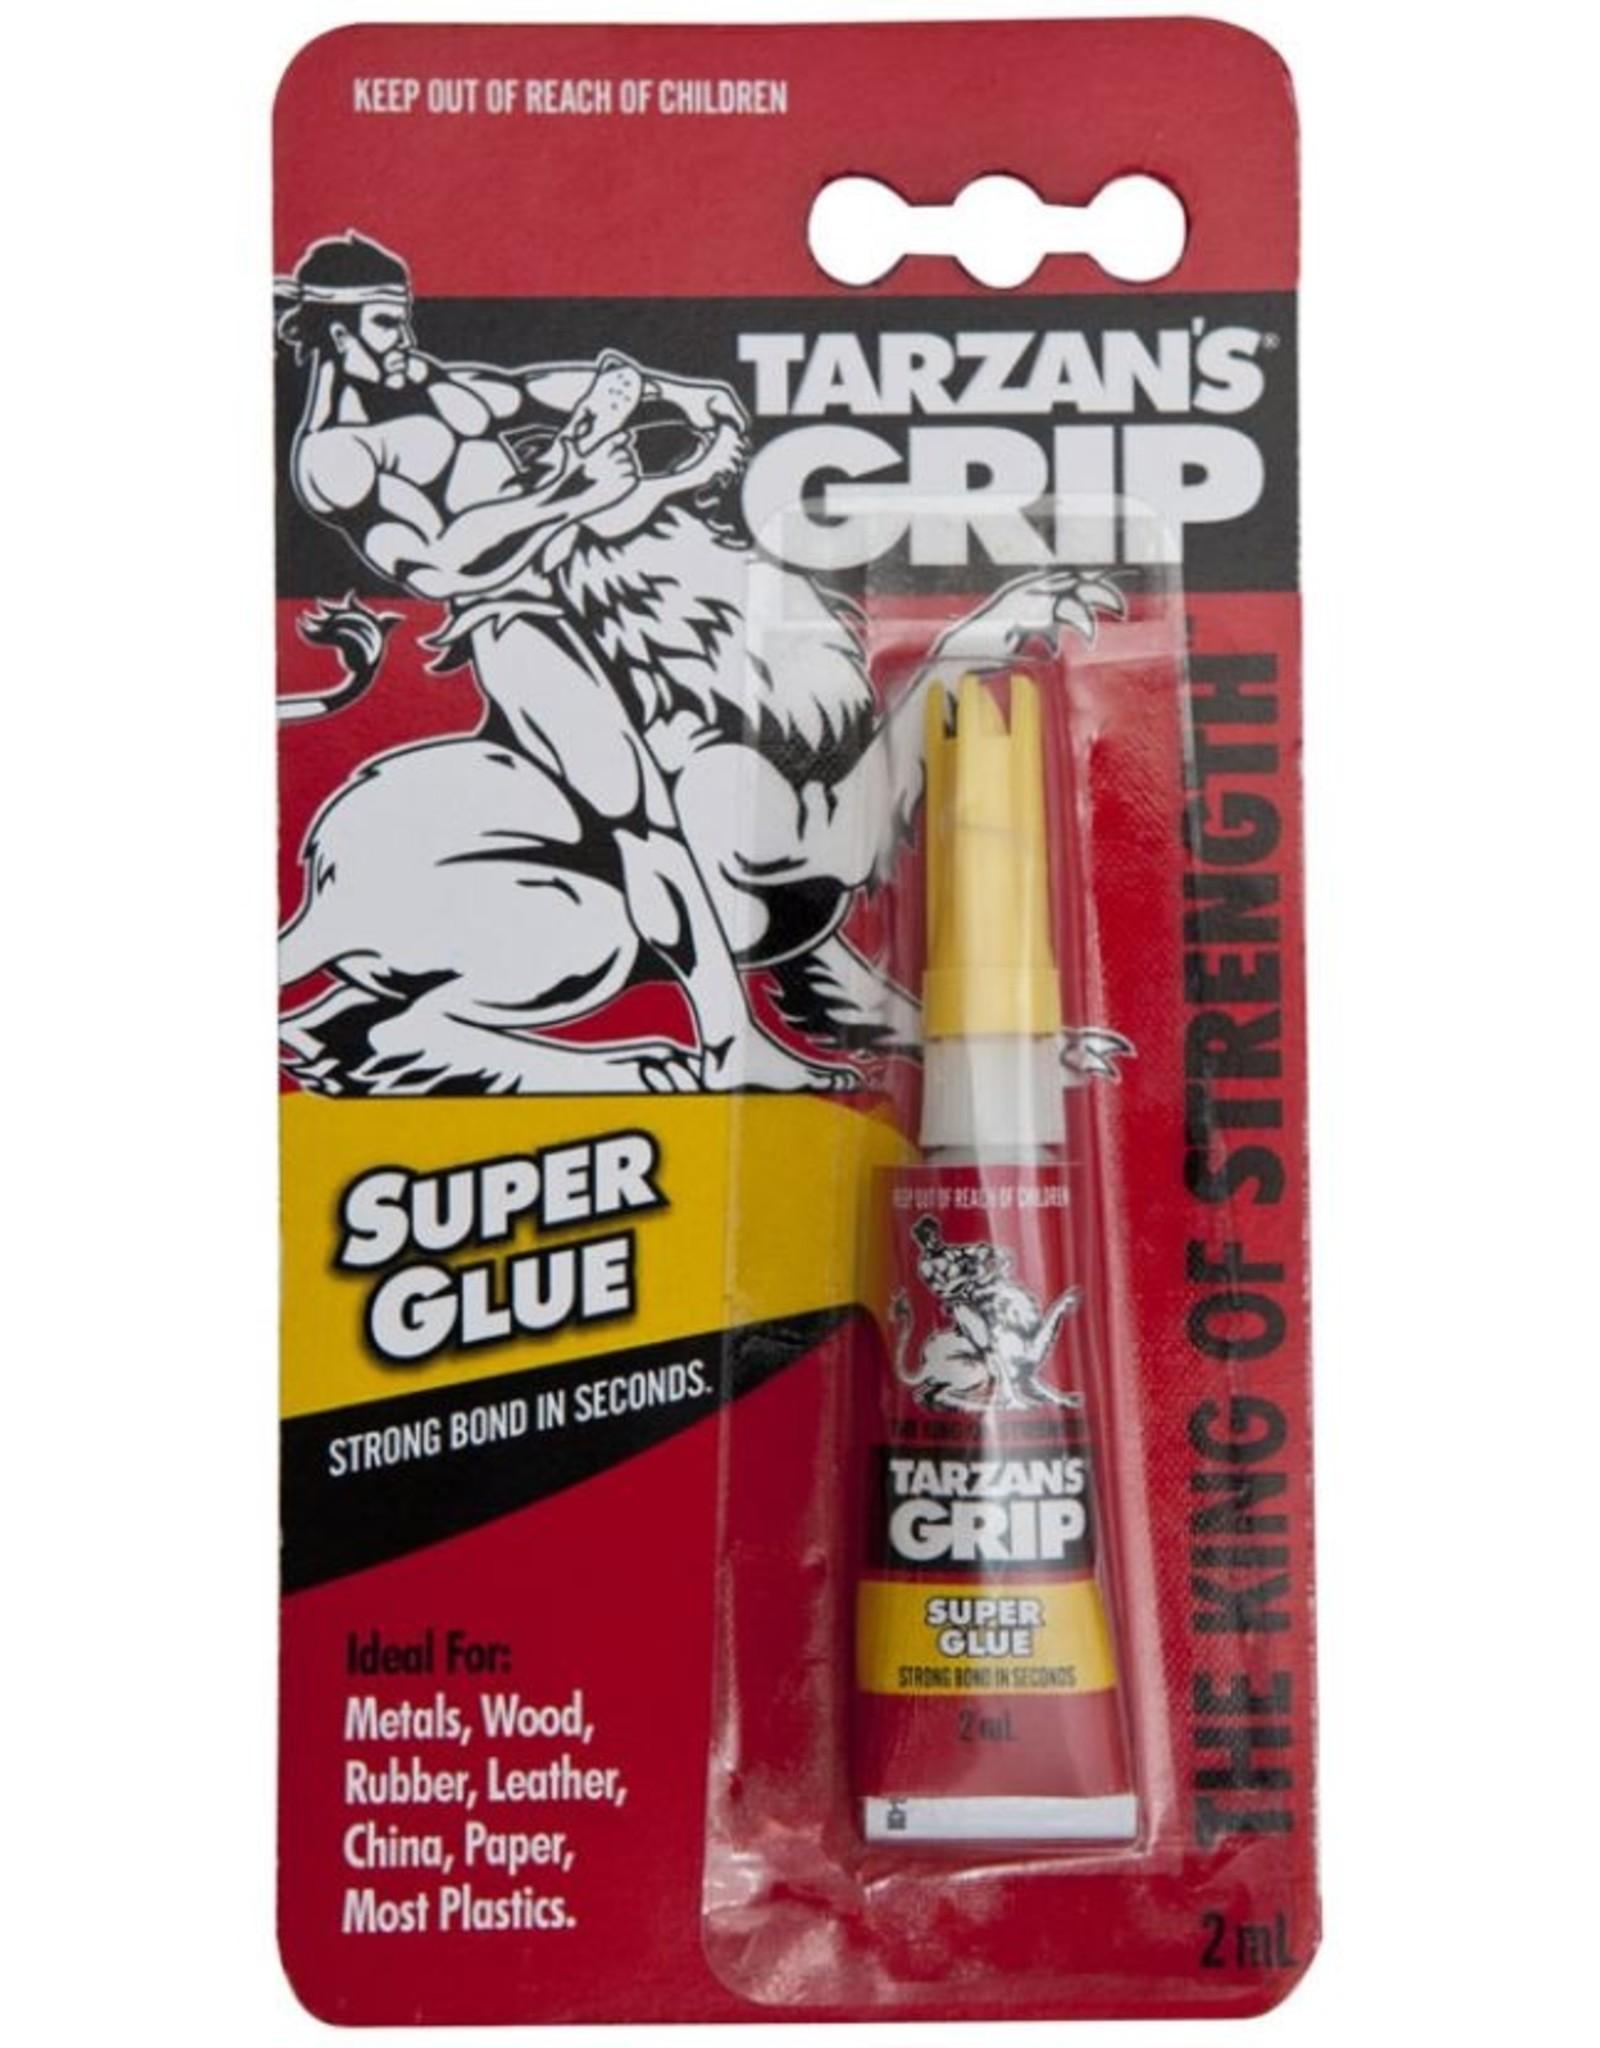 Tarzan's Grip Super Glue 2ml